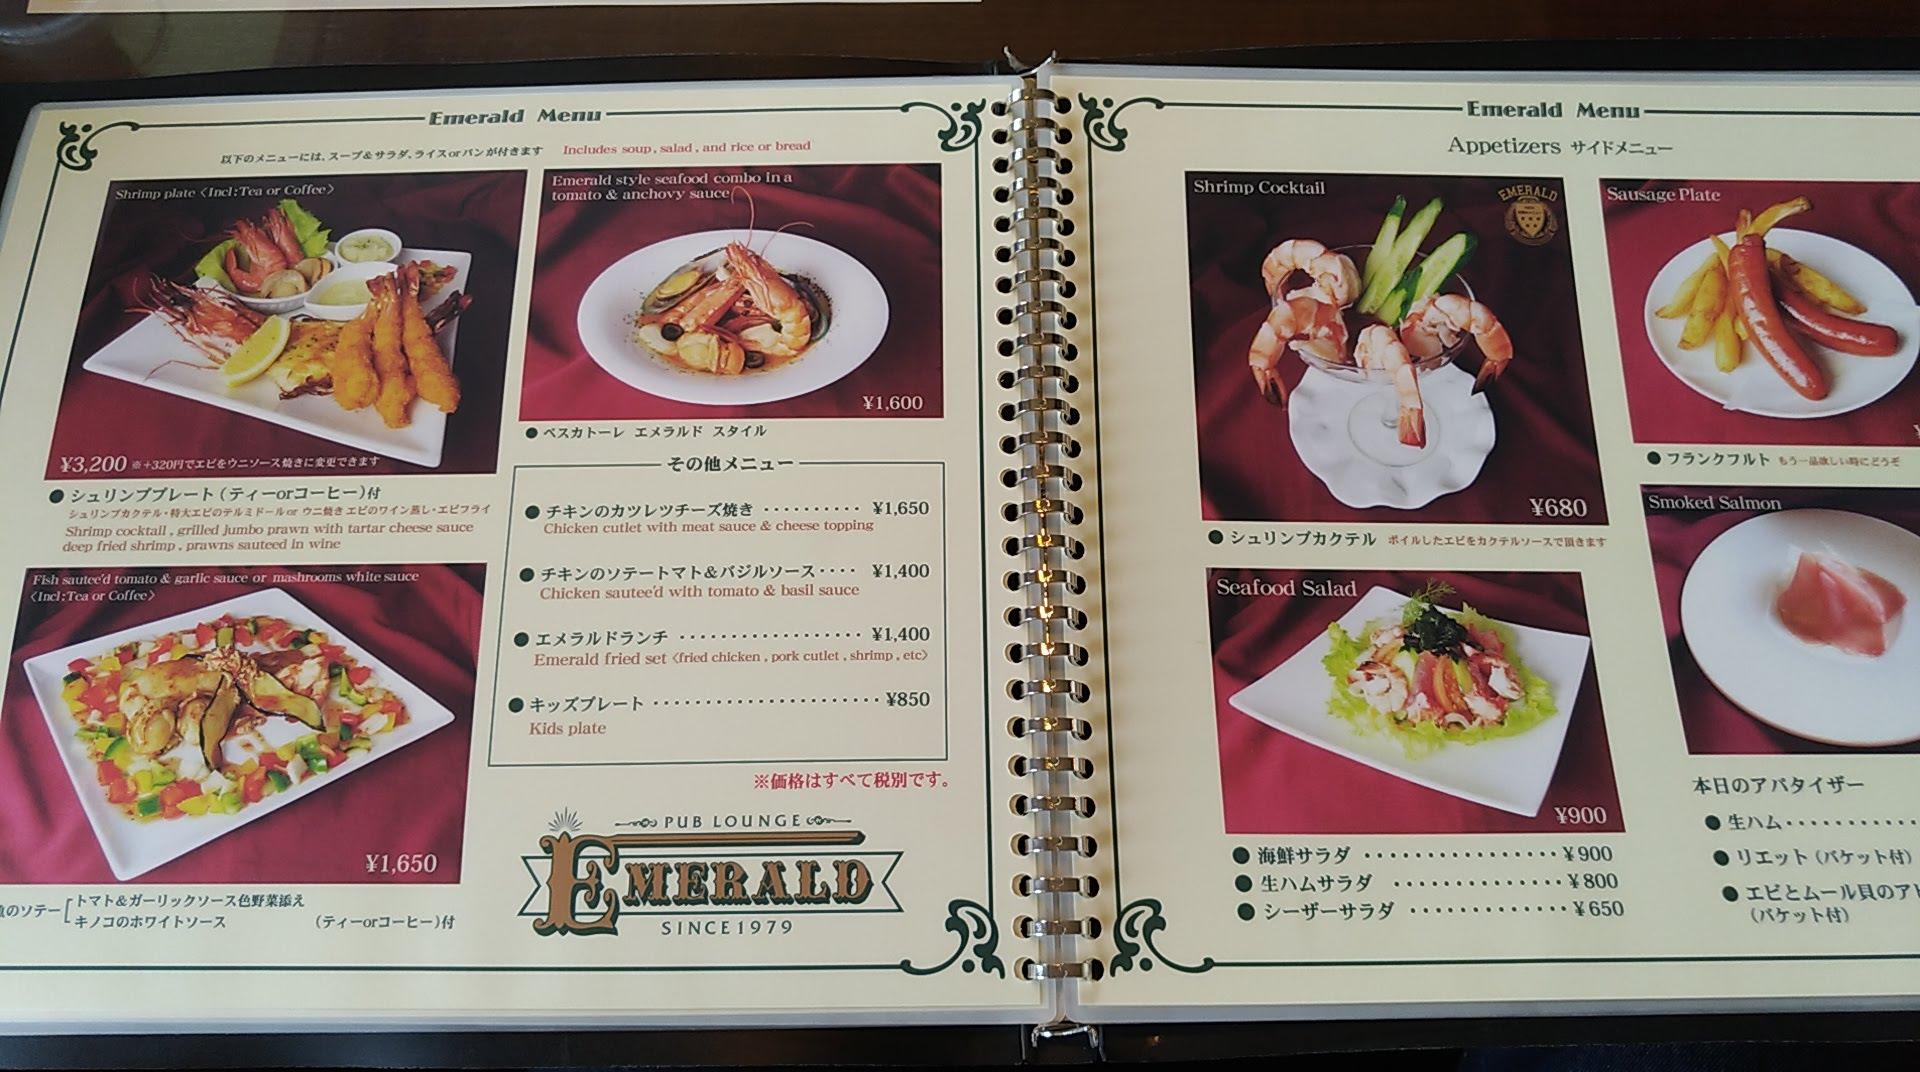 the emerald menu 2